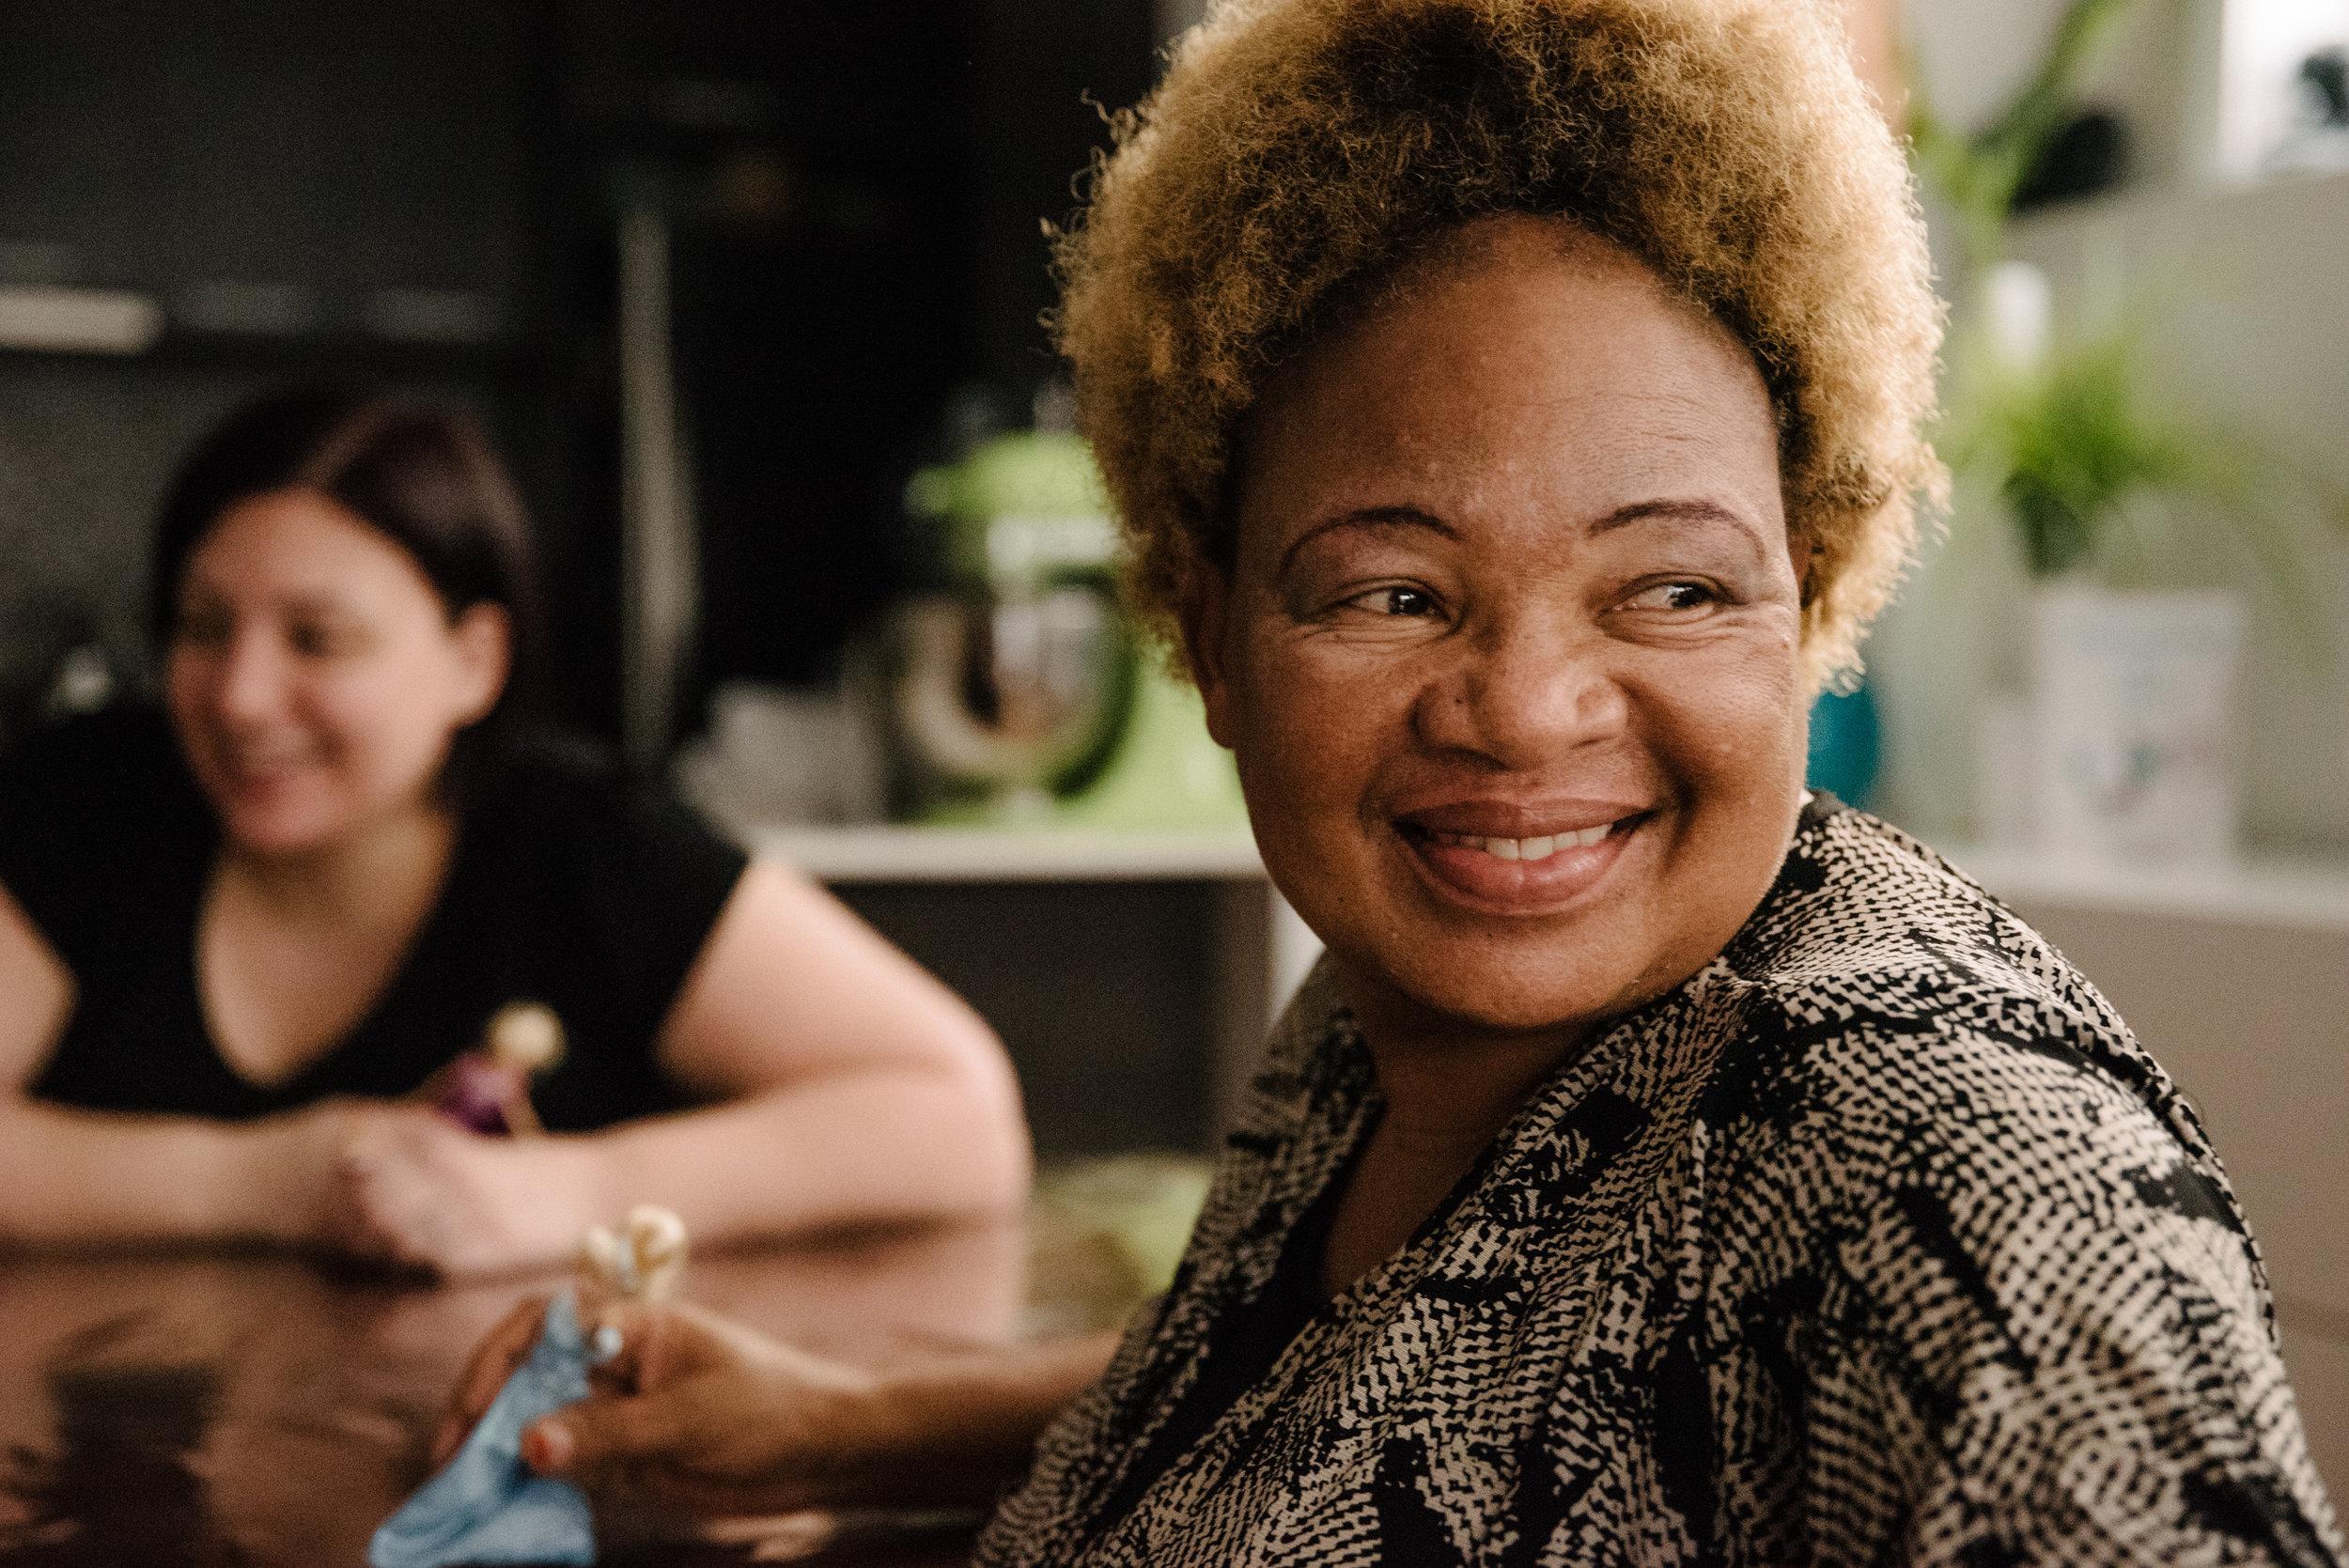 portrait-de-la-grand-maman-qui-sourit-photographe-de-famille-a-montreal-marianne-charland-1135.jpg